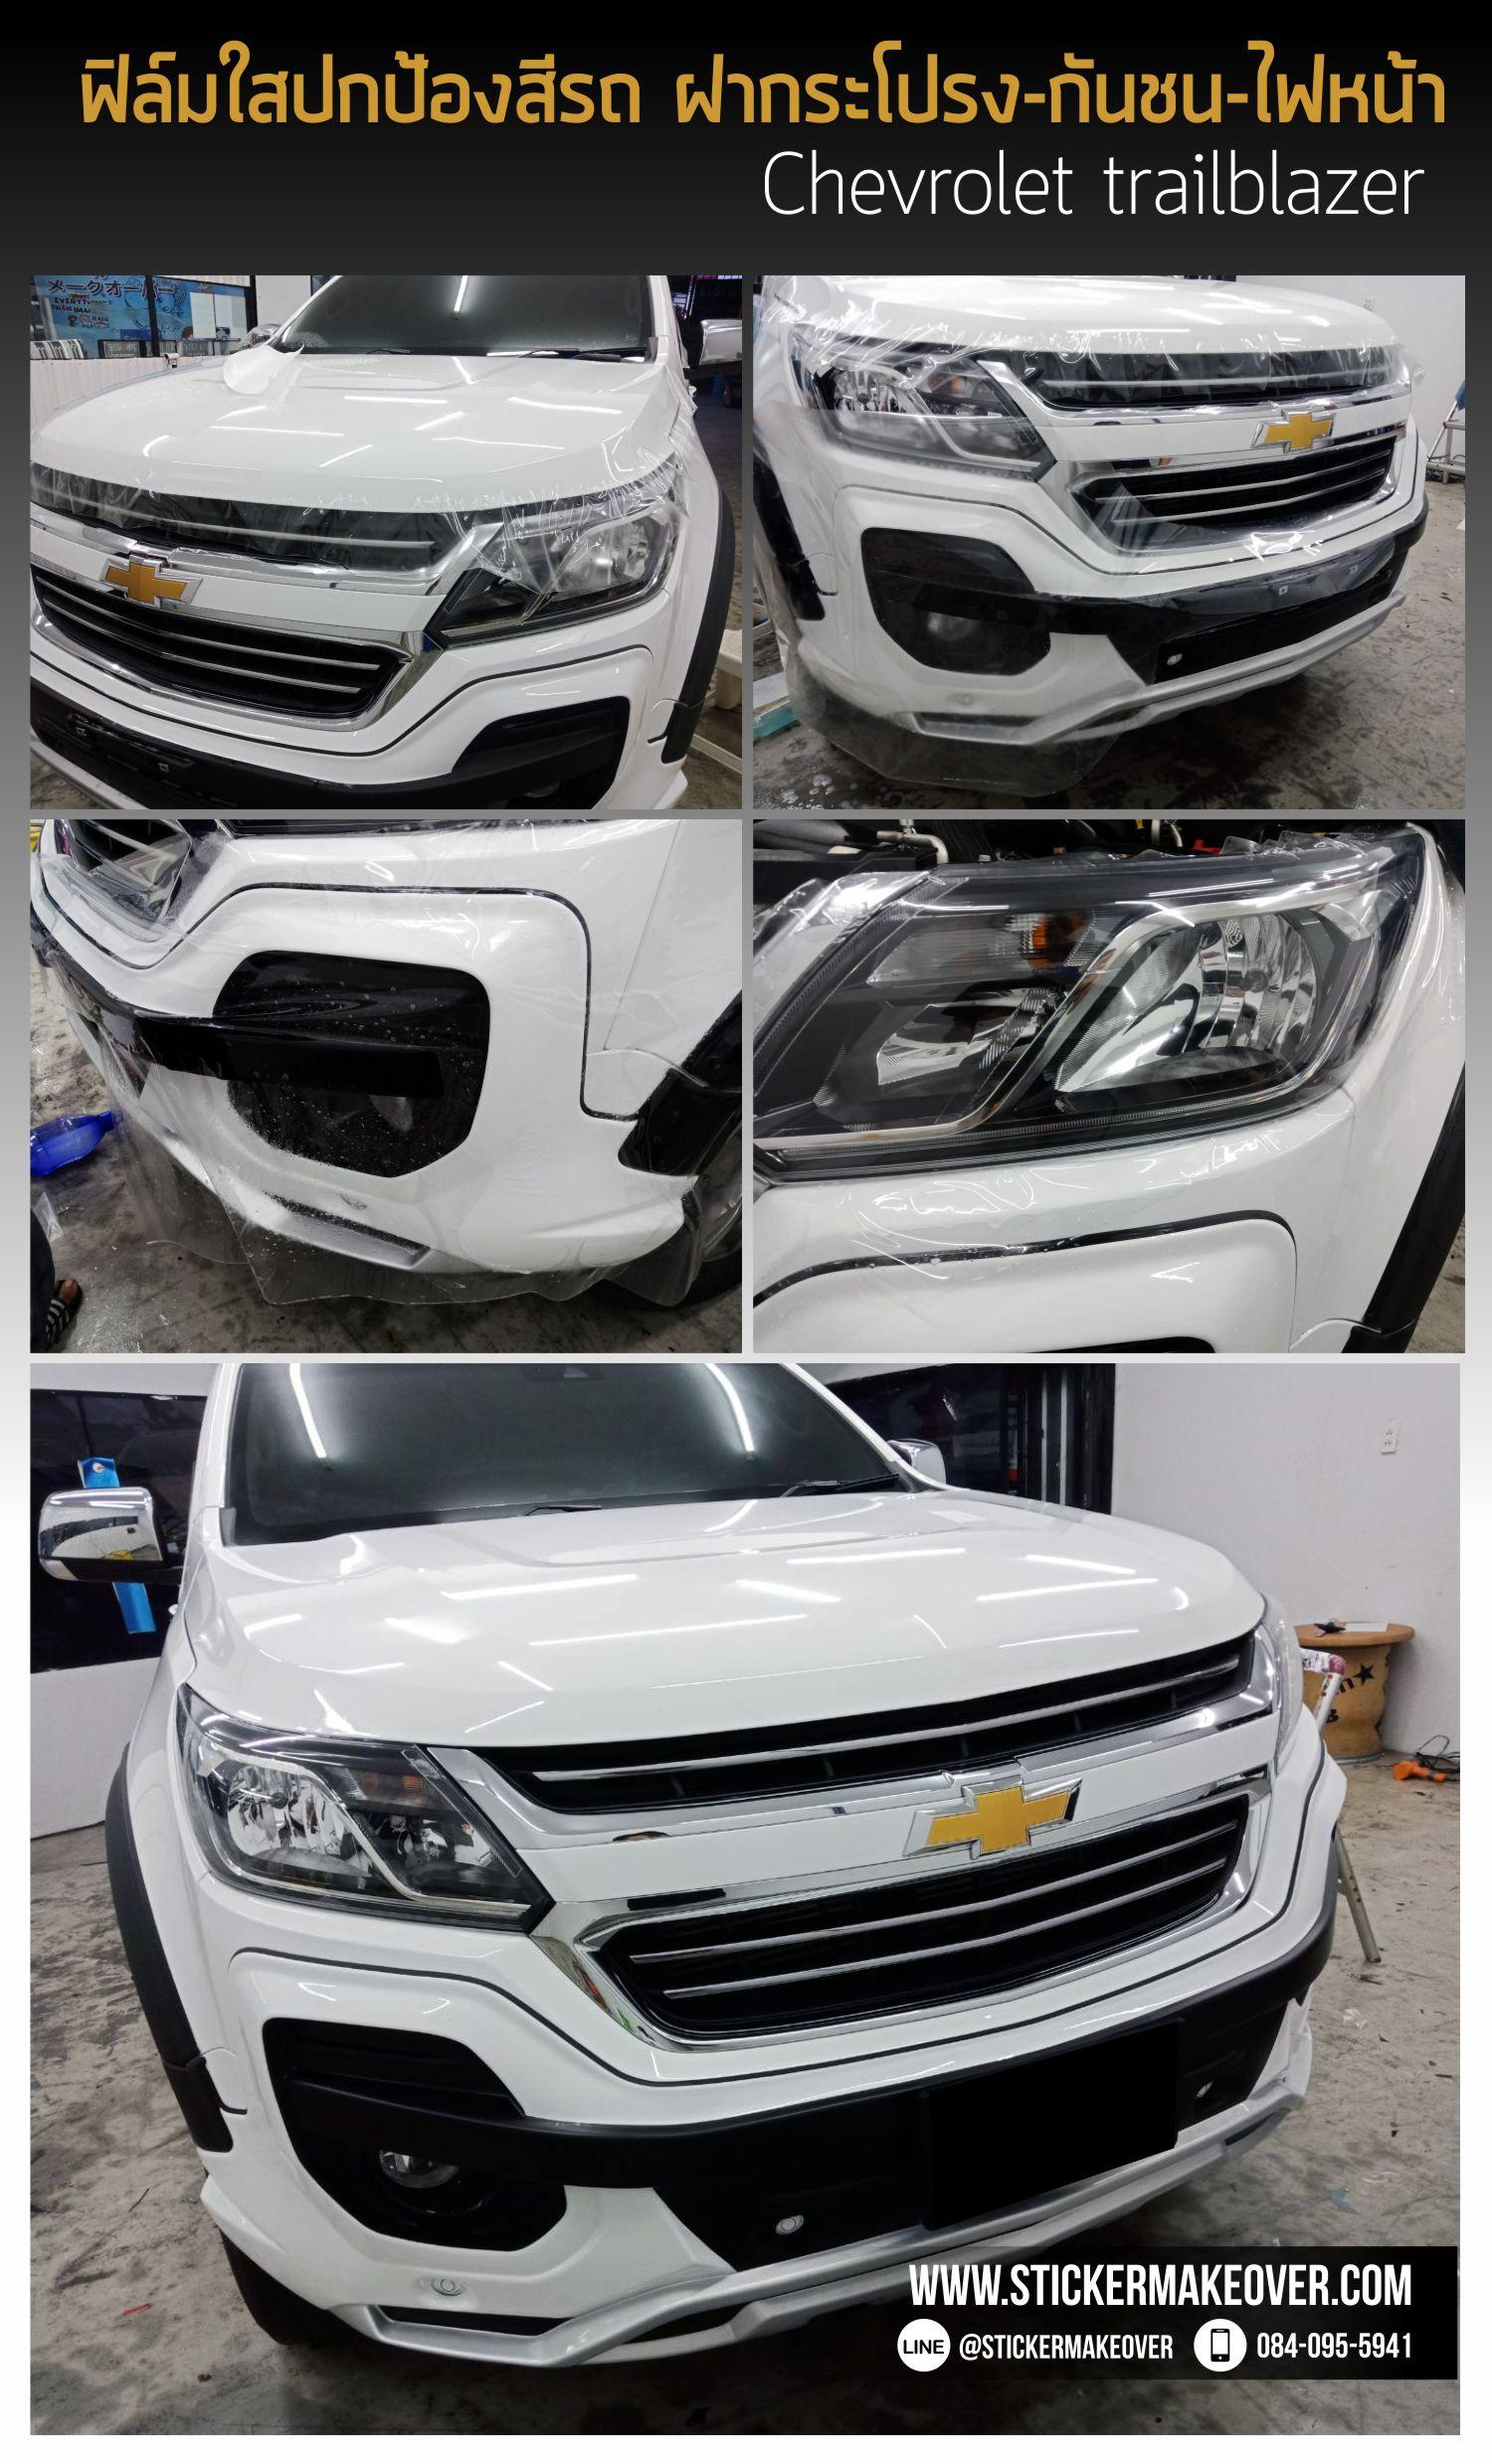 ฟิล์มใสกันรอยรถยนต์ ฟิล์มใสกันสะเก็ดหิน ฟิล์มปกป้องสีรถ paint protection film ppf chevrolet trailblazer